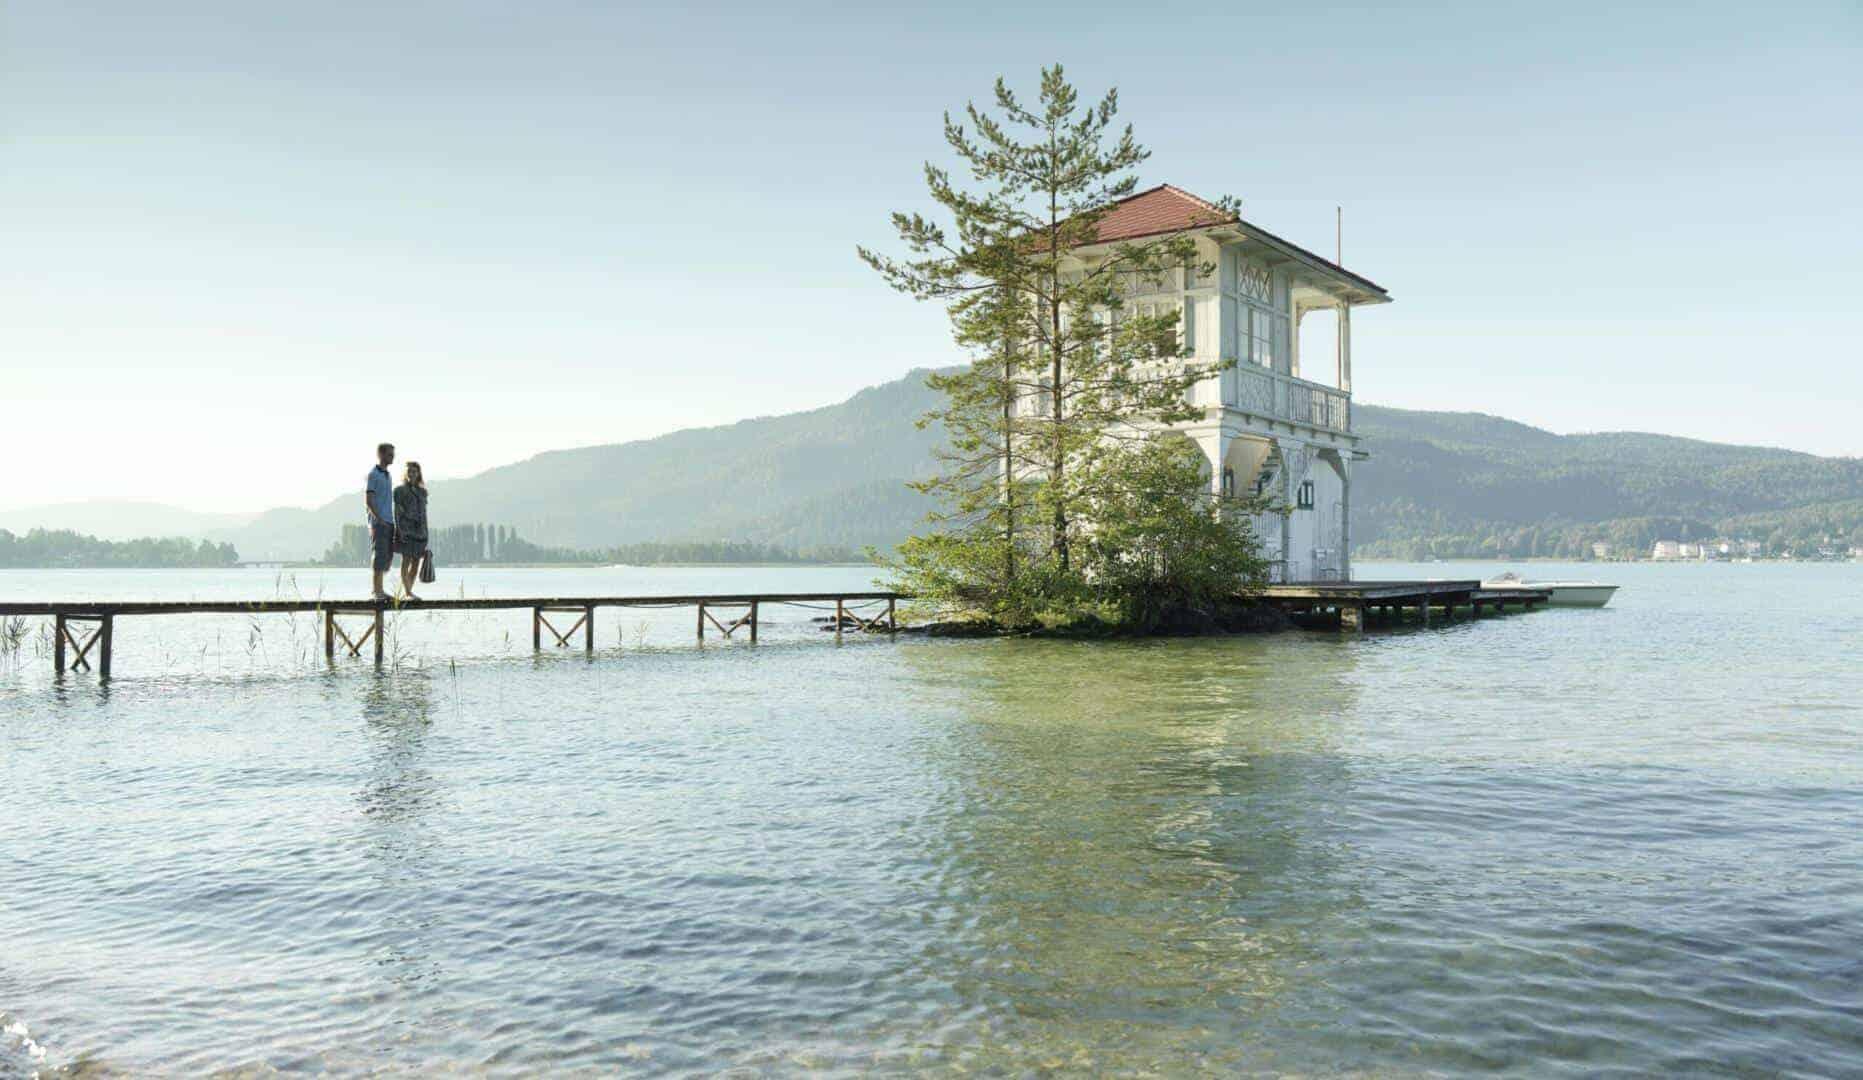 Bootshaus am Wörthersee in Kärnten